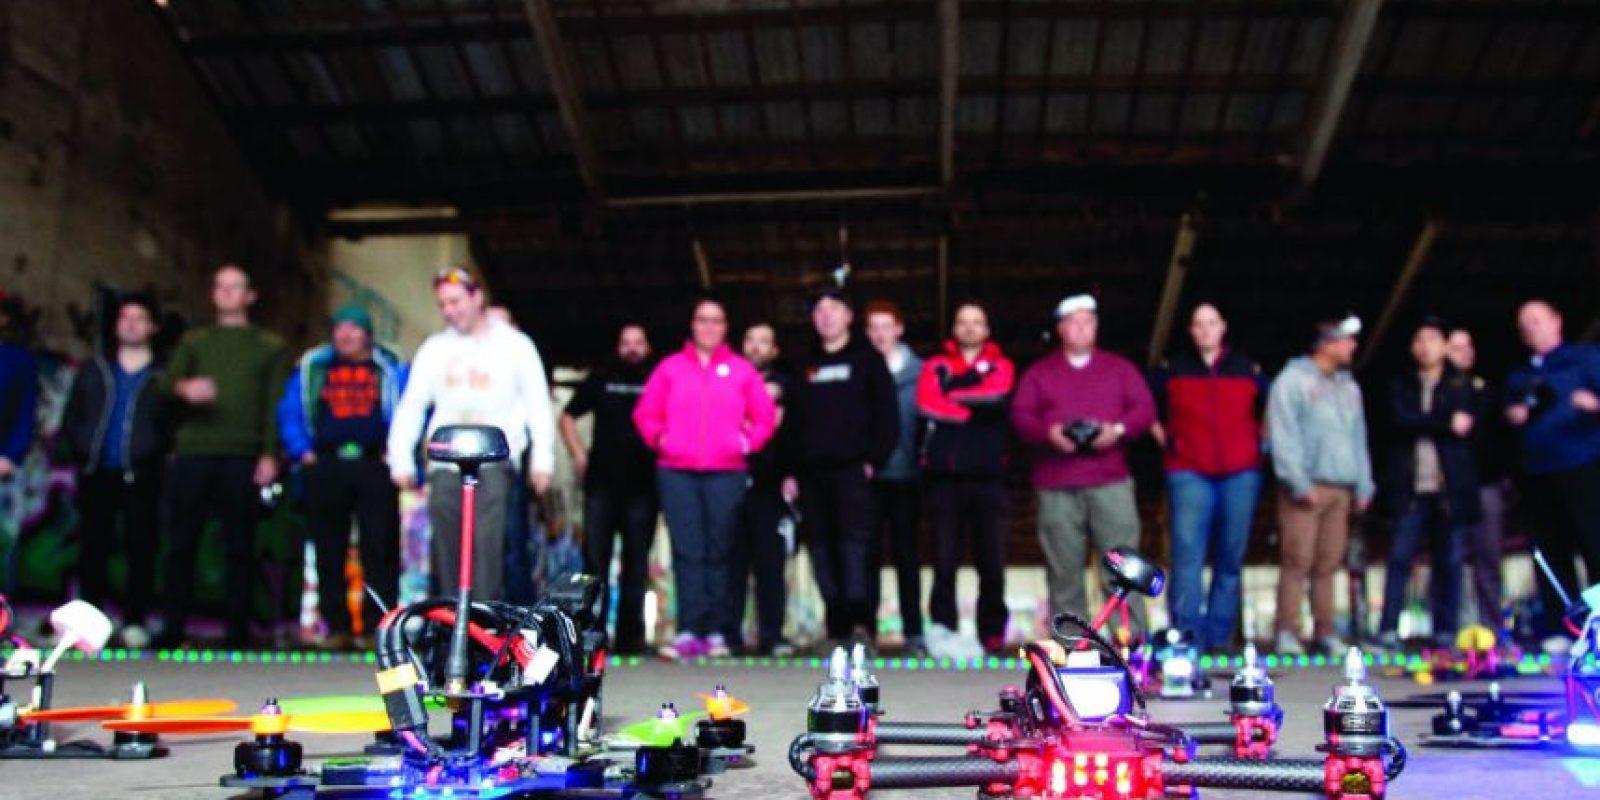 Drones en la línea de salida, a la espera del comienzo de la carrera Foto:Shannon Reddaway